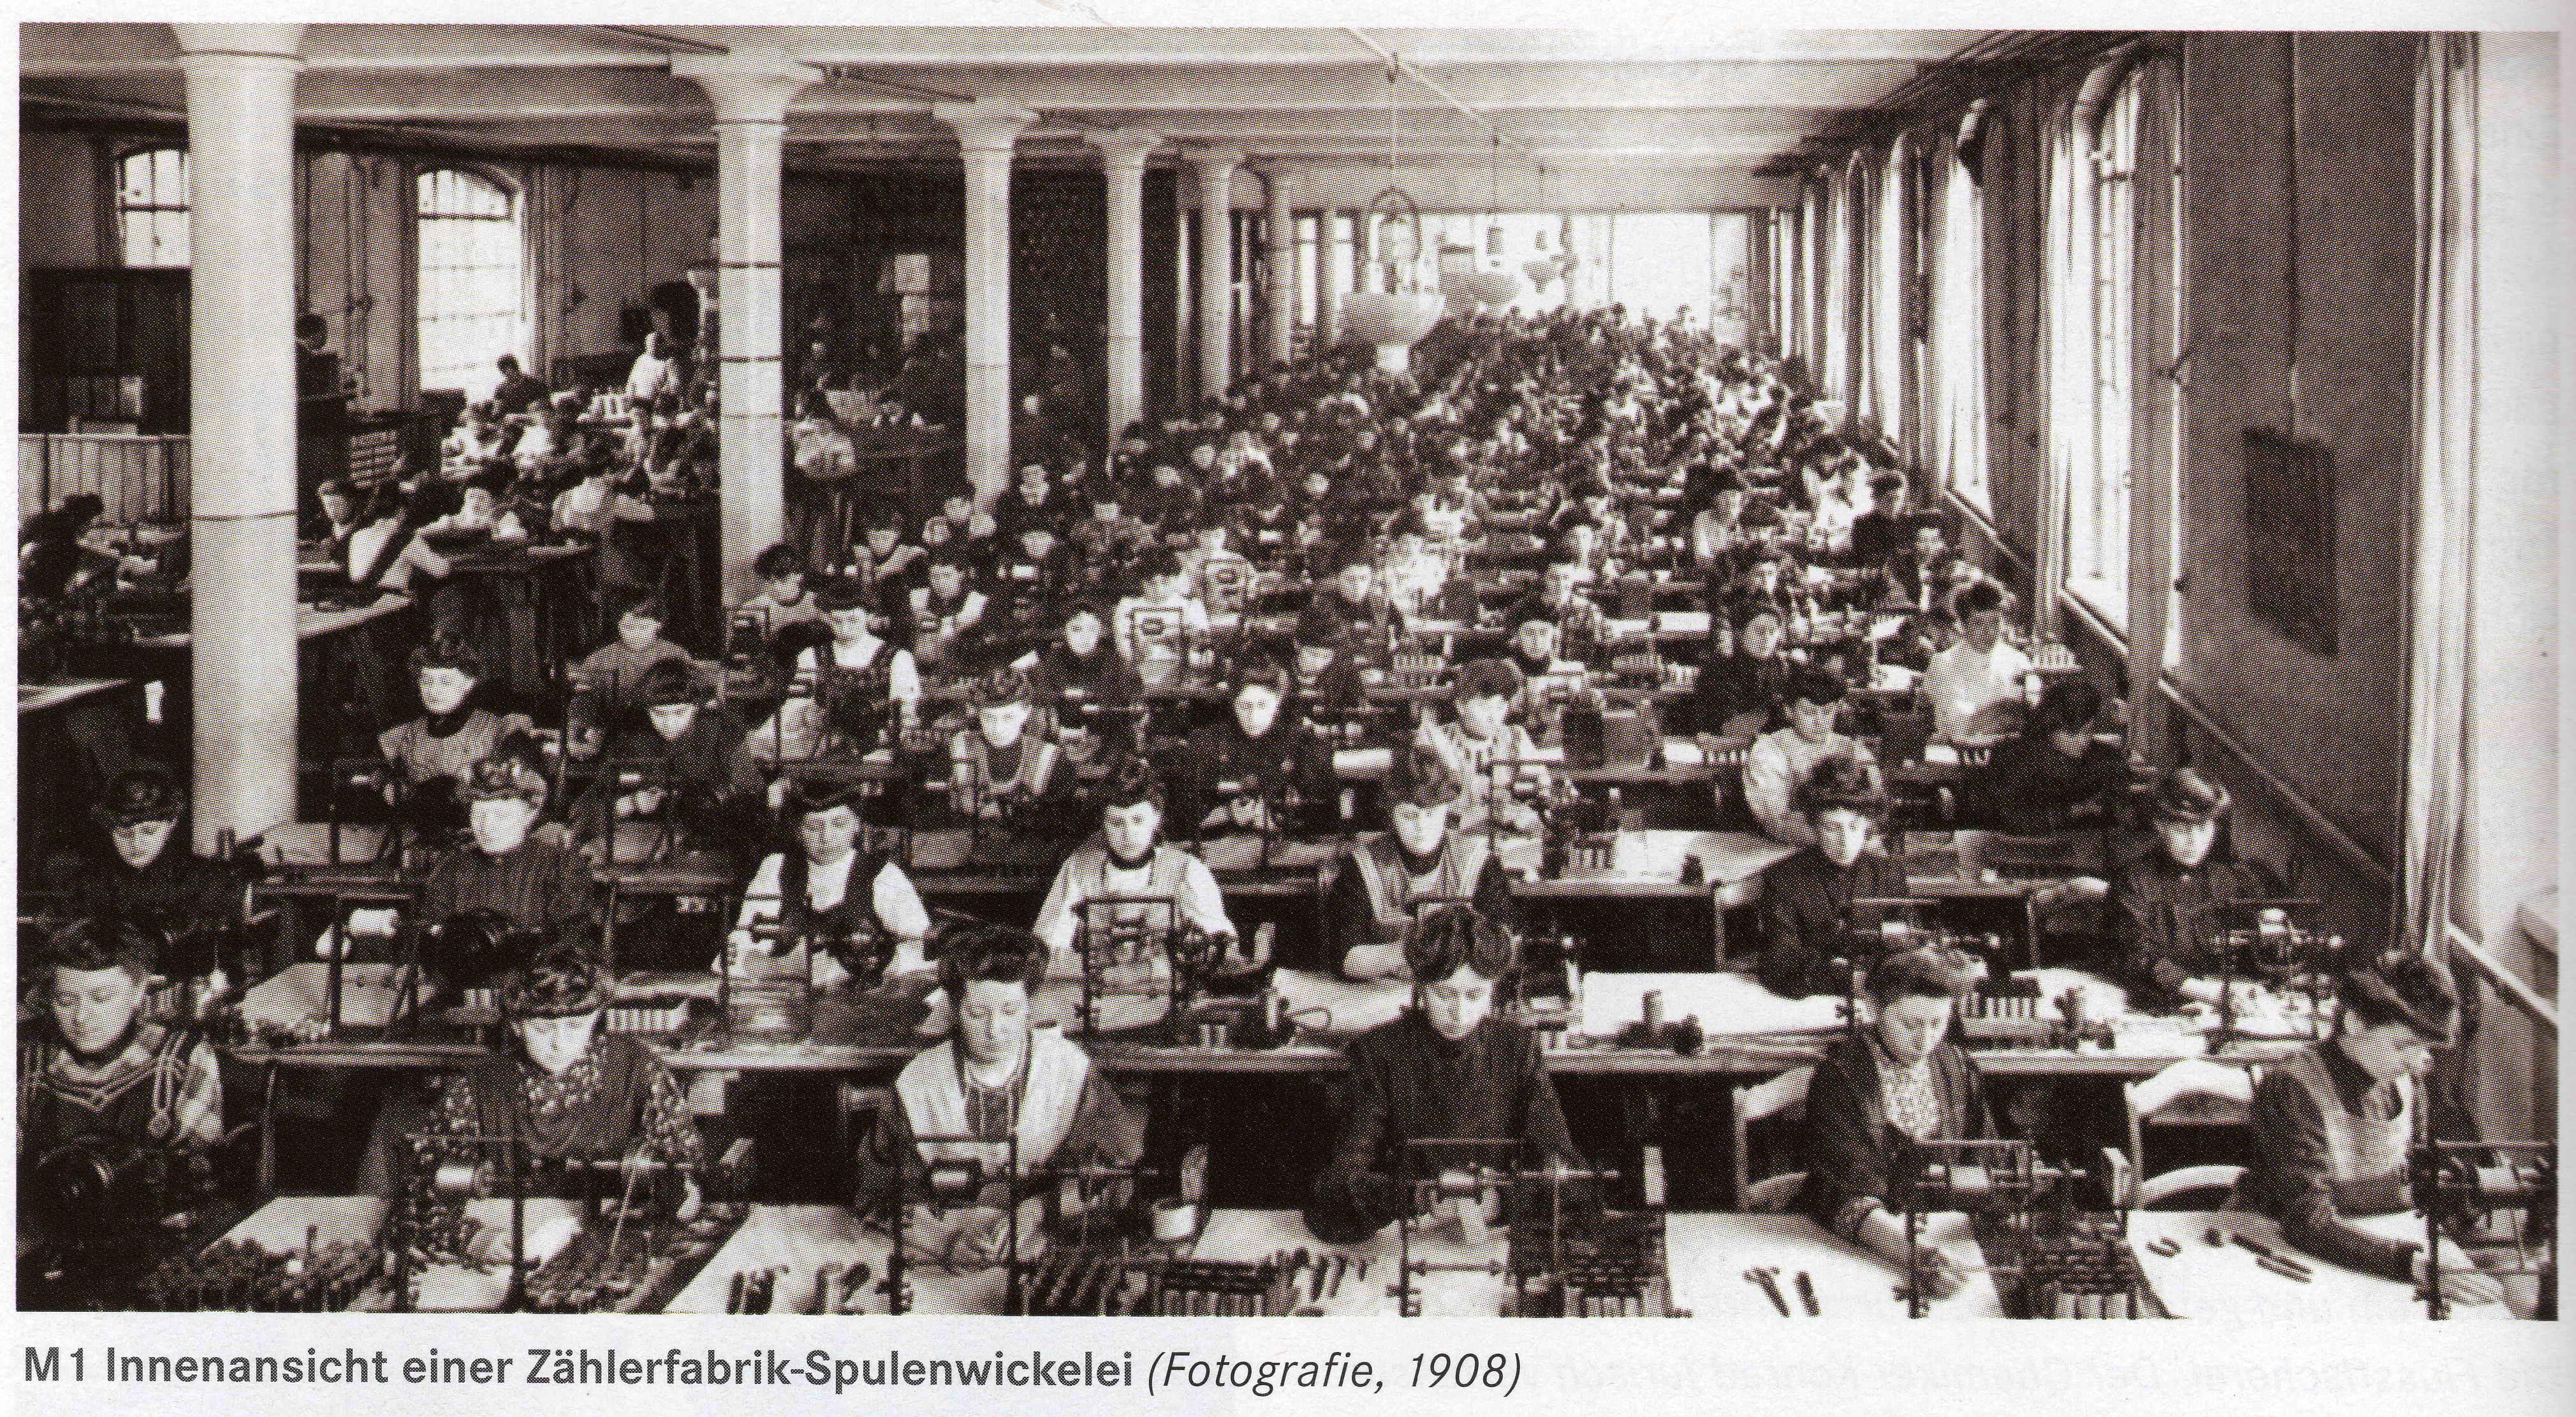 fabrikarbeiterinnen-in-einer-spulenwickelei-1908.jpg